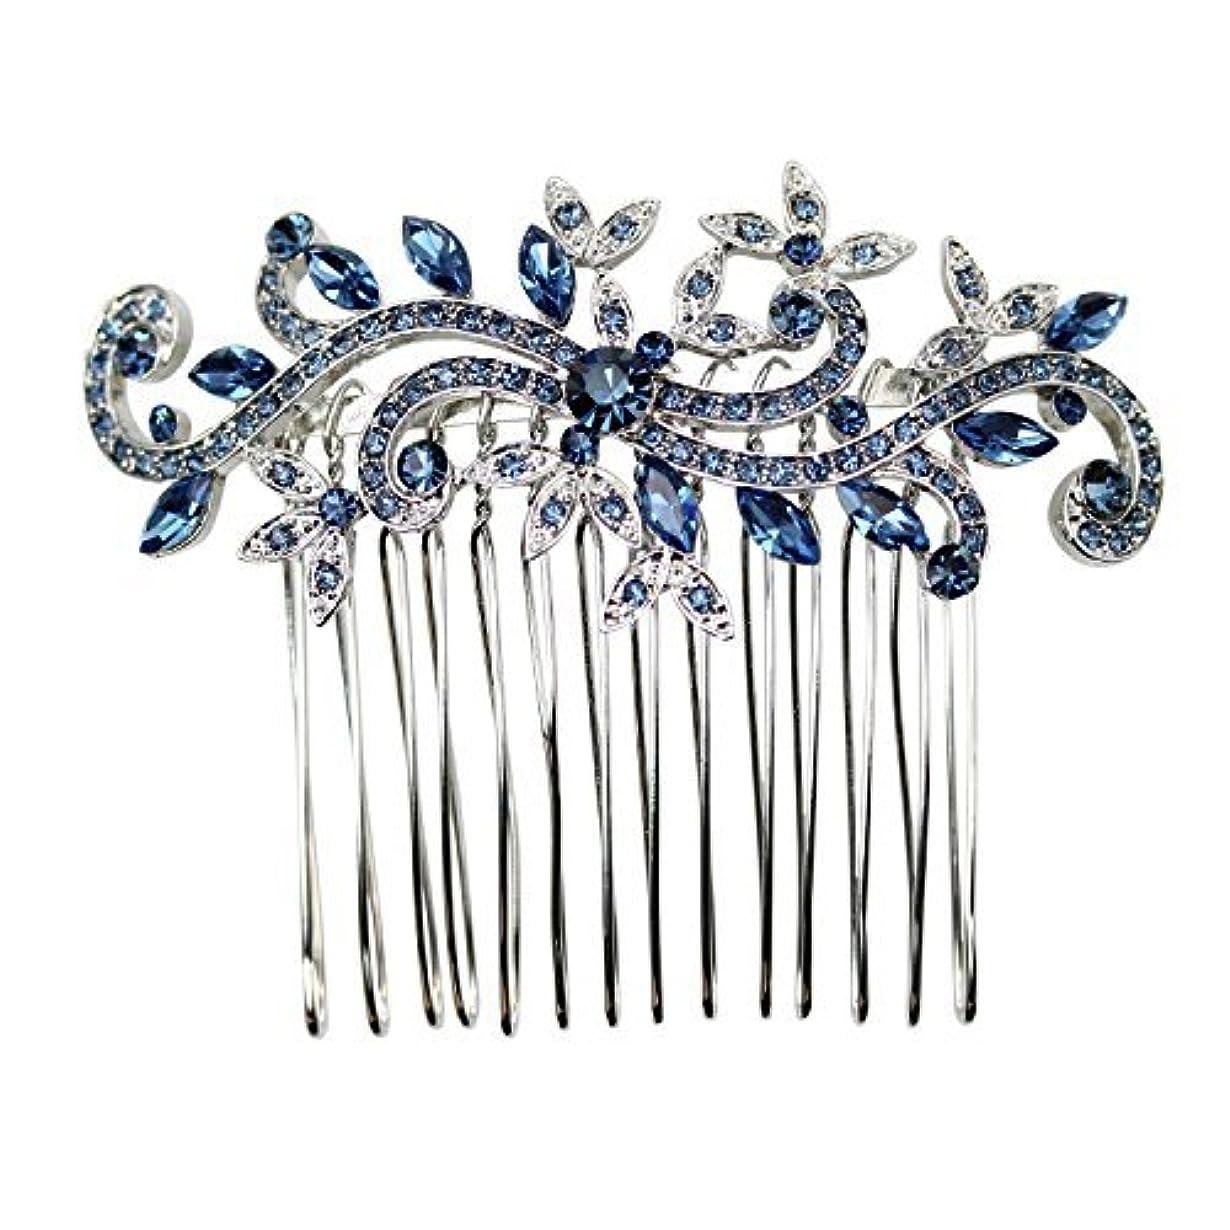 評価可能中間ぐったりFaship Gorgeous Navy Blue Crystal Floral Hair Comb [並行輸入品]